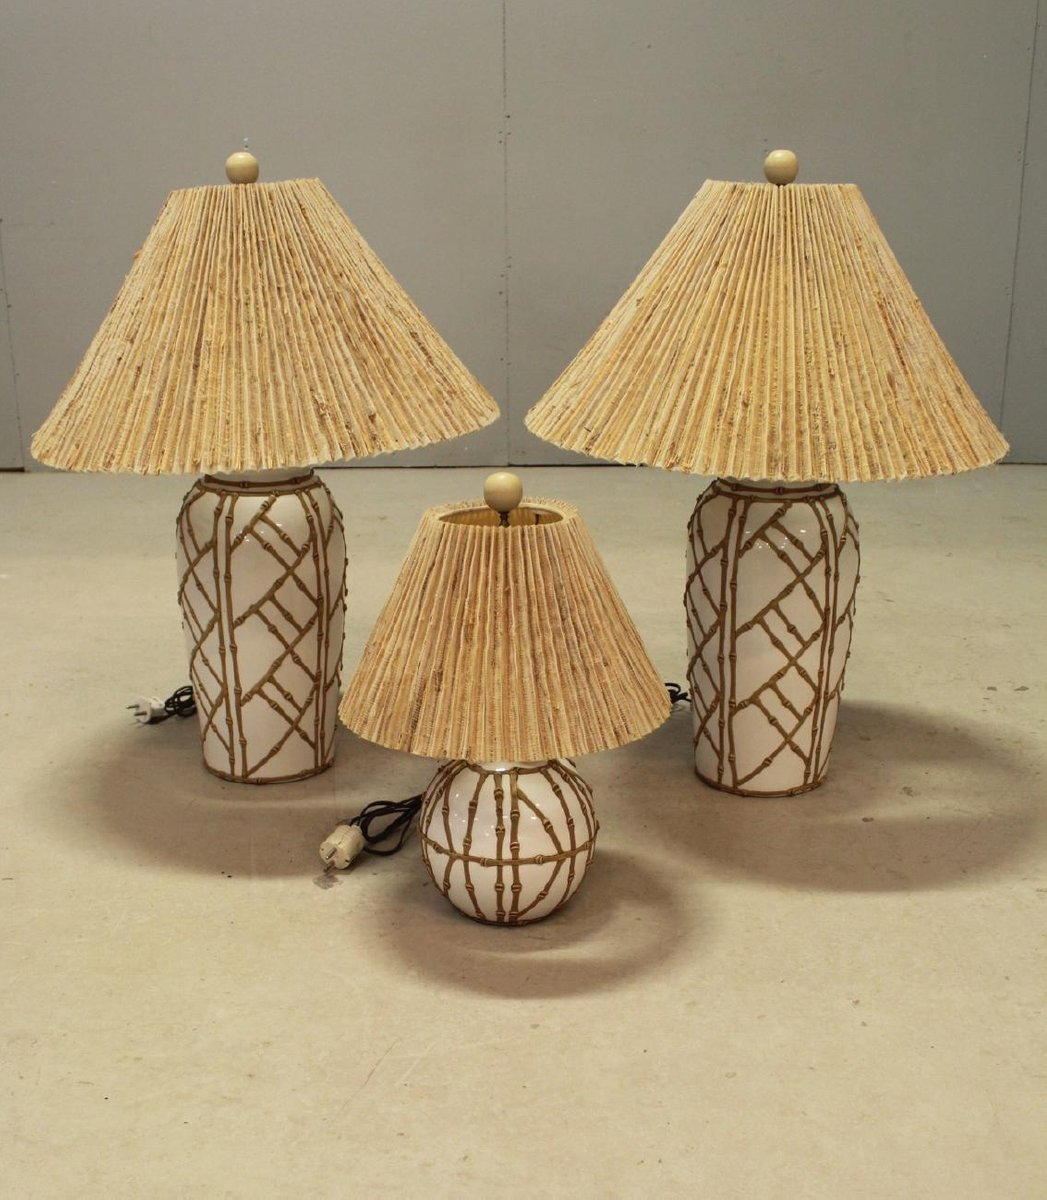 Vintage Hollywood Regency Chinoiserie Tischlampen aus Kunstbambus, 3er...